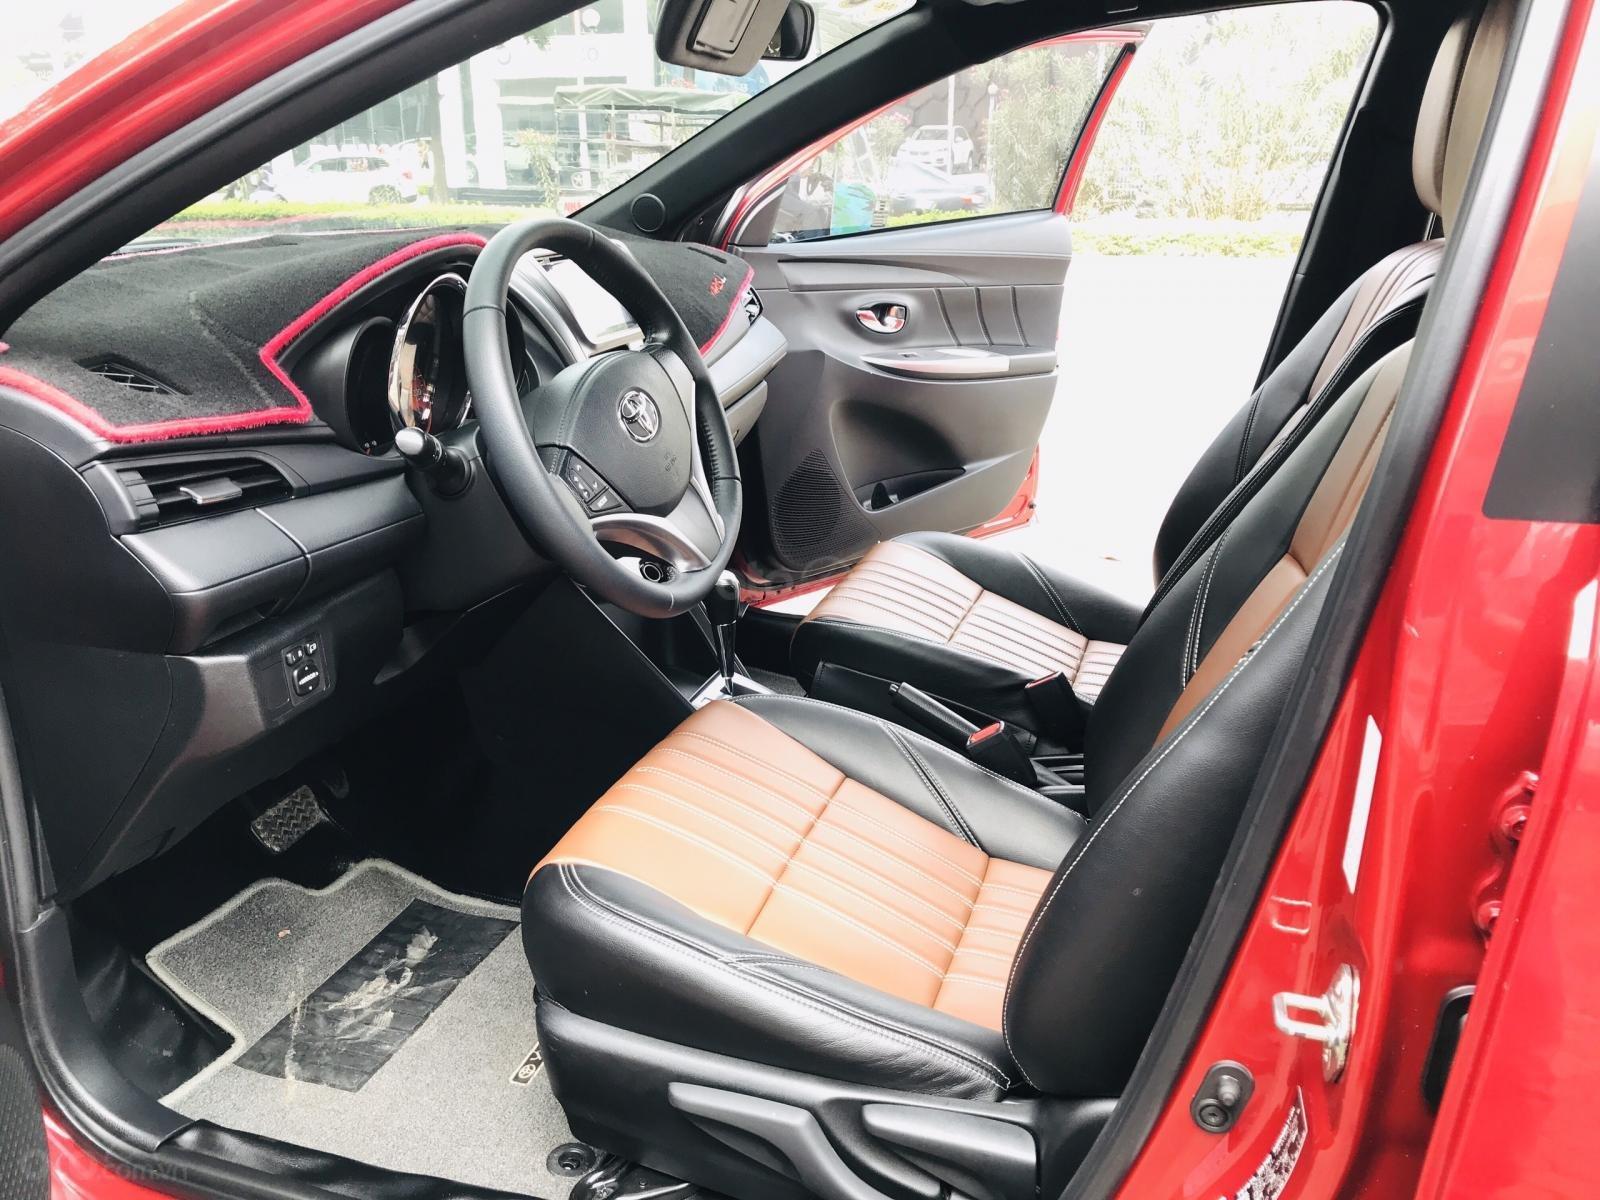 Cần bán Toyota Yaris 1.5 G sản xuất 2017, màu đỏ, xe nhập (15)